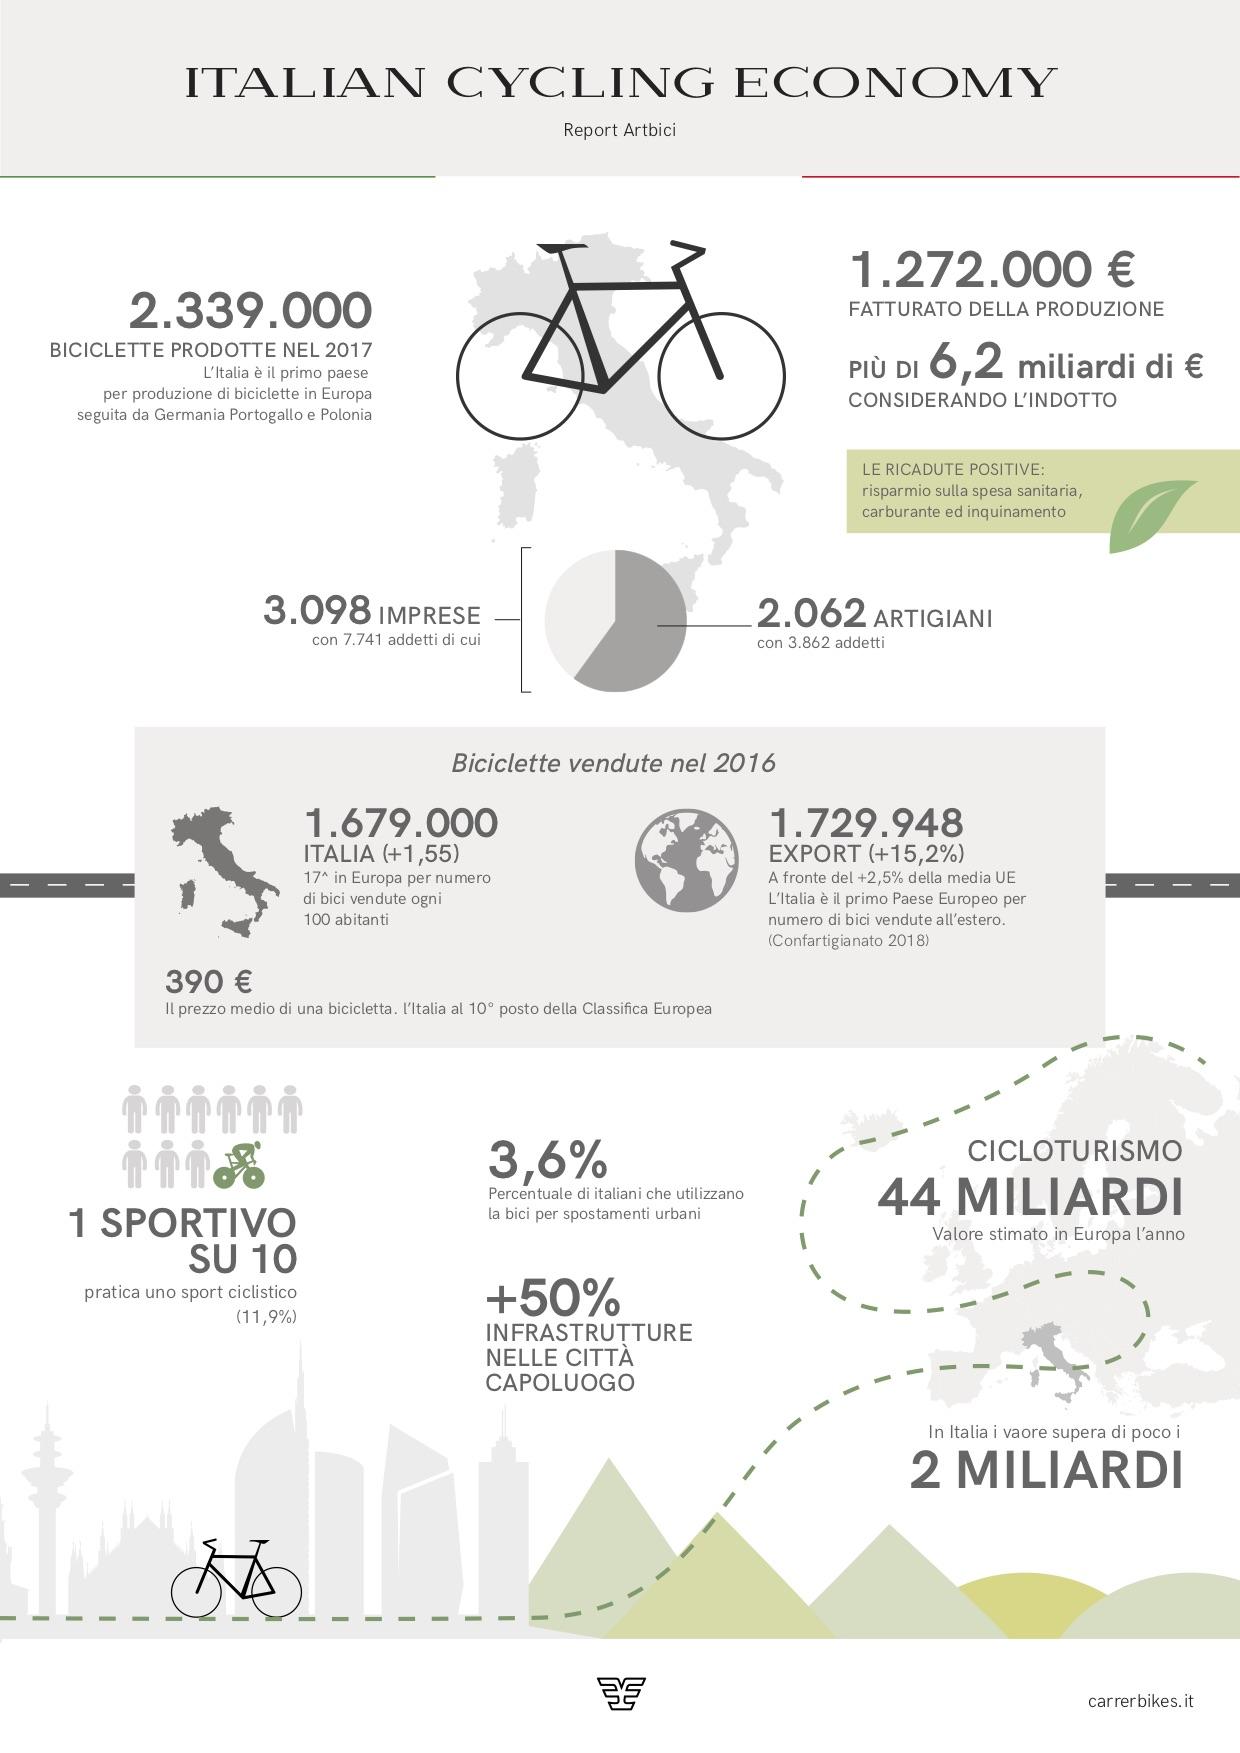 Italian cycling economy